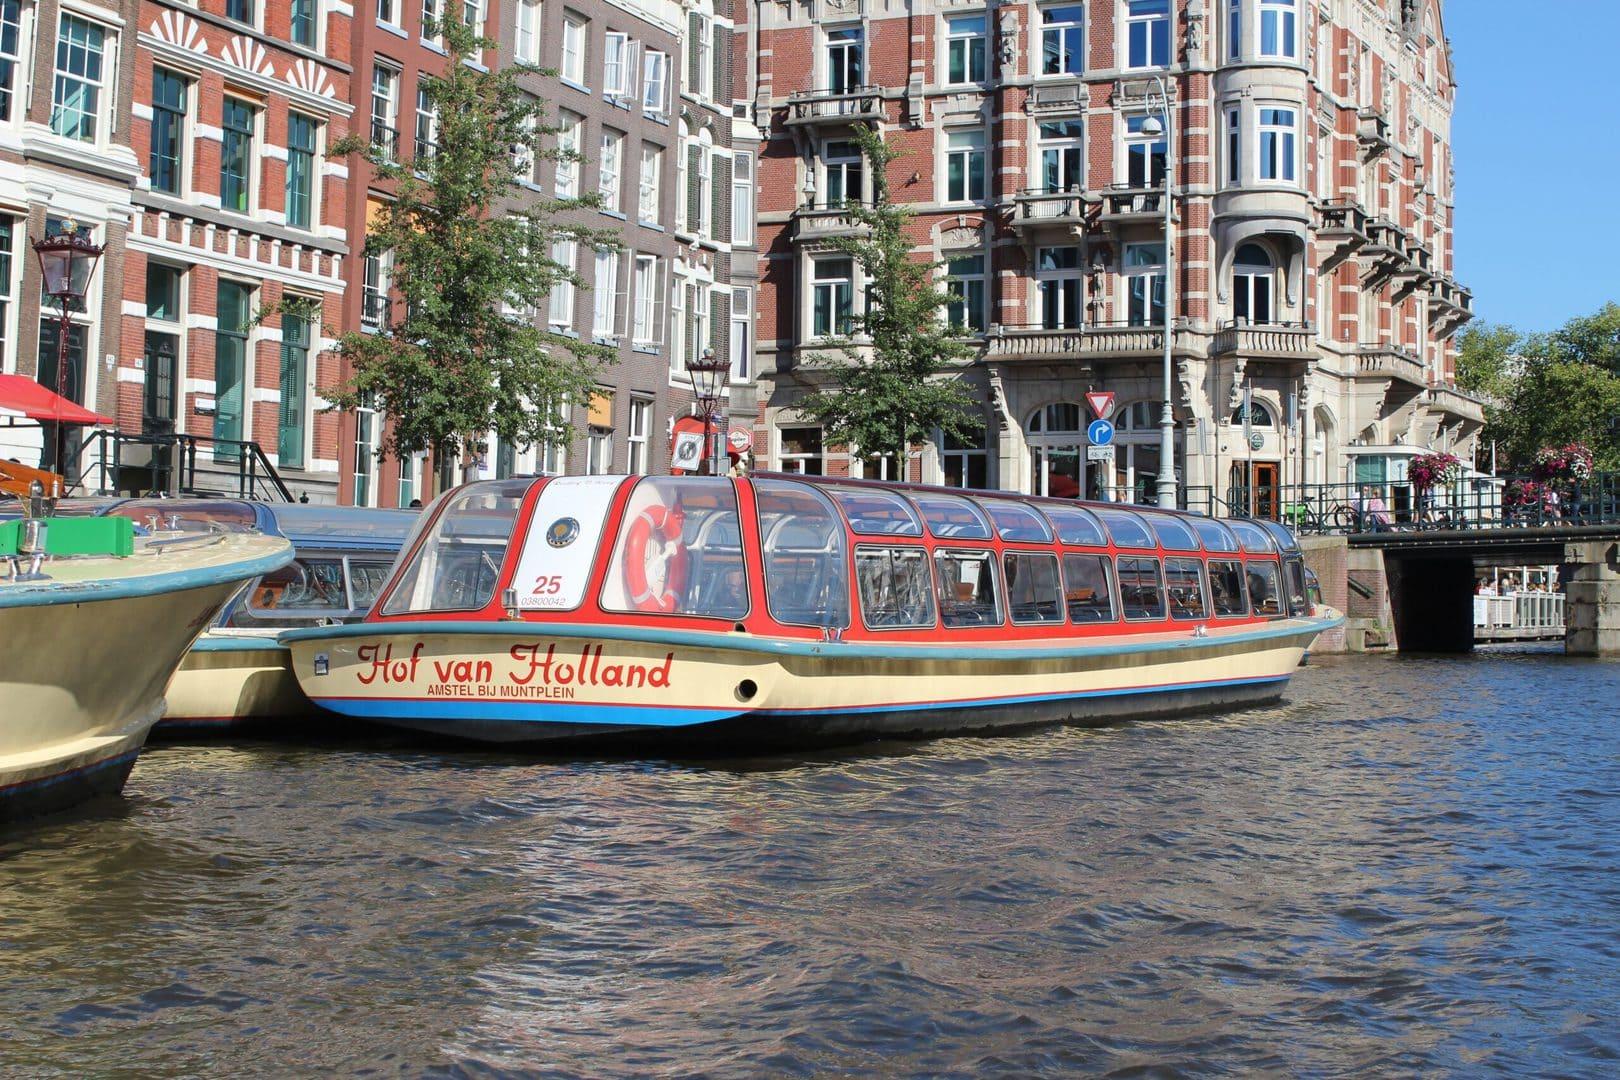 Studierejser_holland_Amsterdam_kanalrundfart